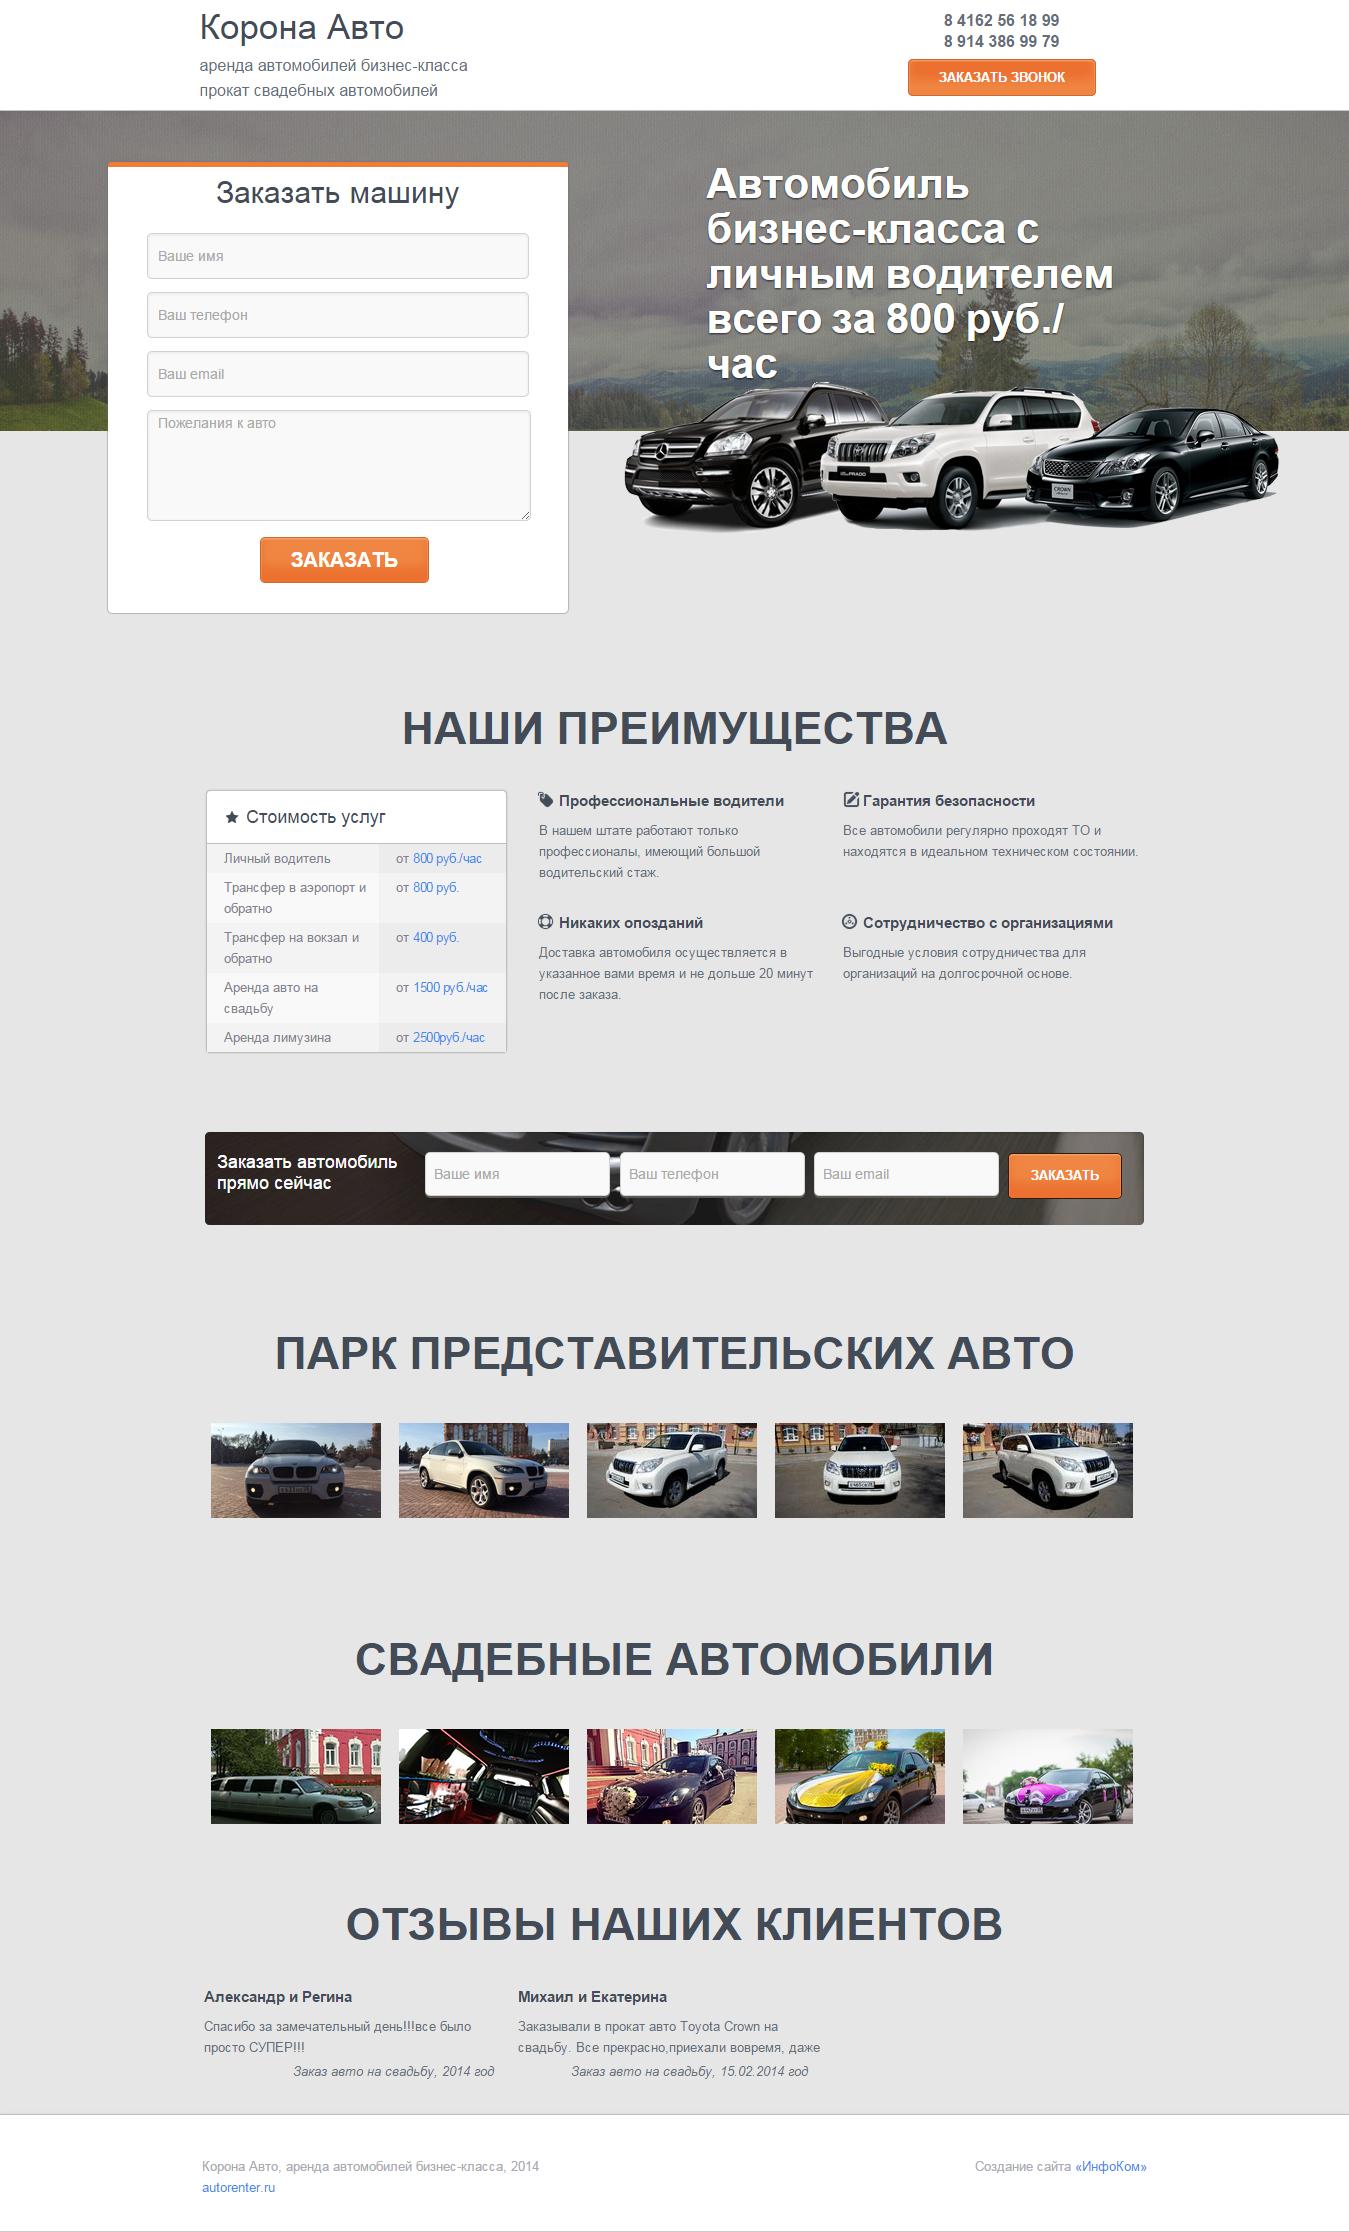 Сайт-визитка проката автомобилей